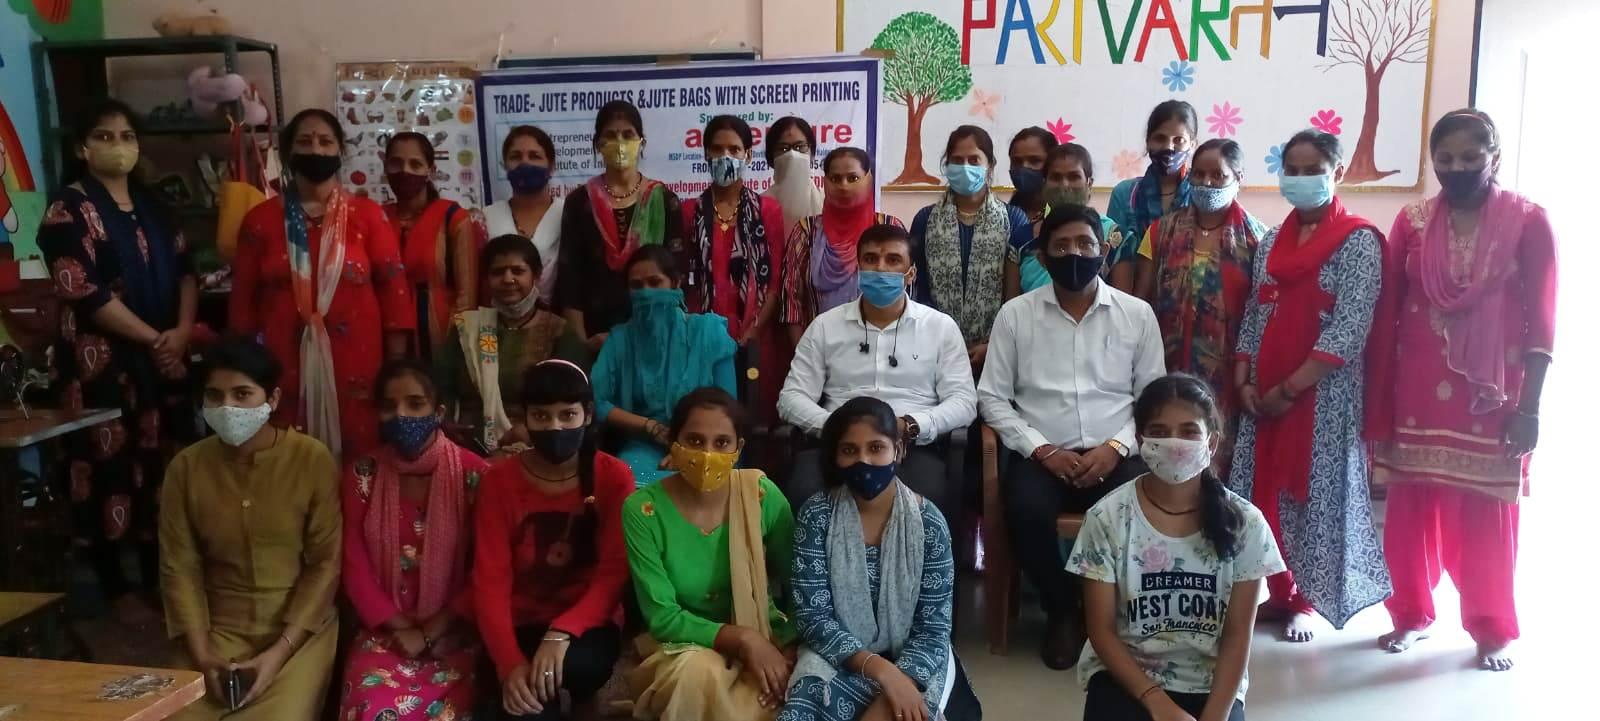 प्रशिक्षणार्थियों के साथ महाप्रबन्धक विपिन कुमार